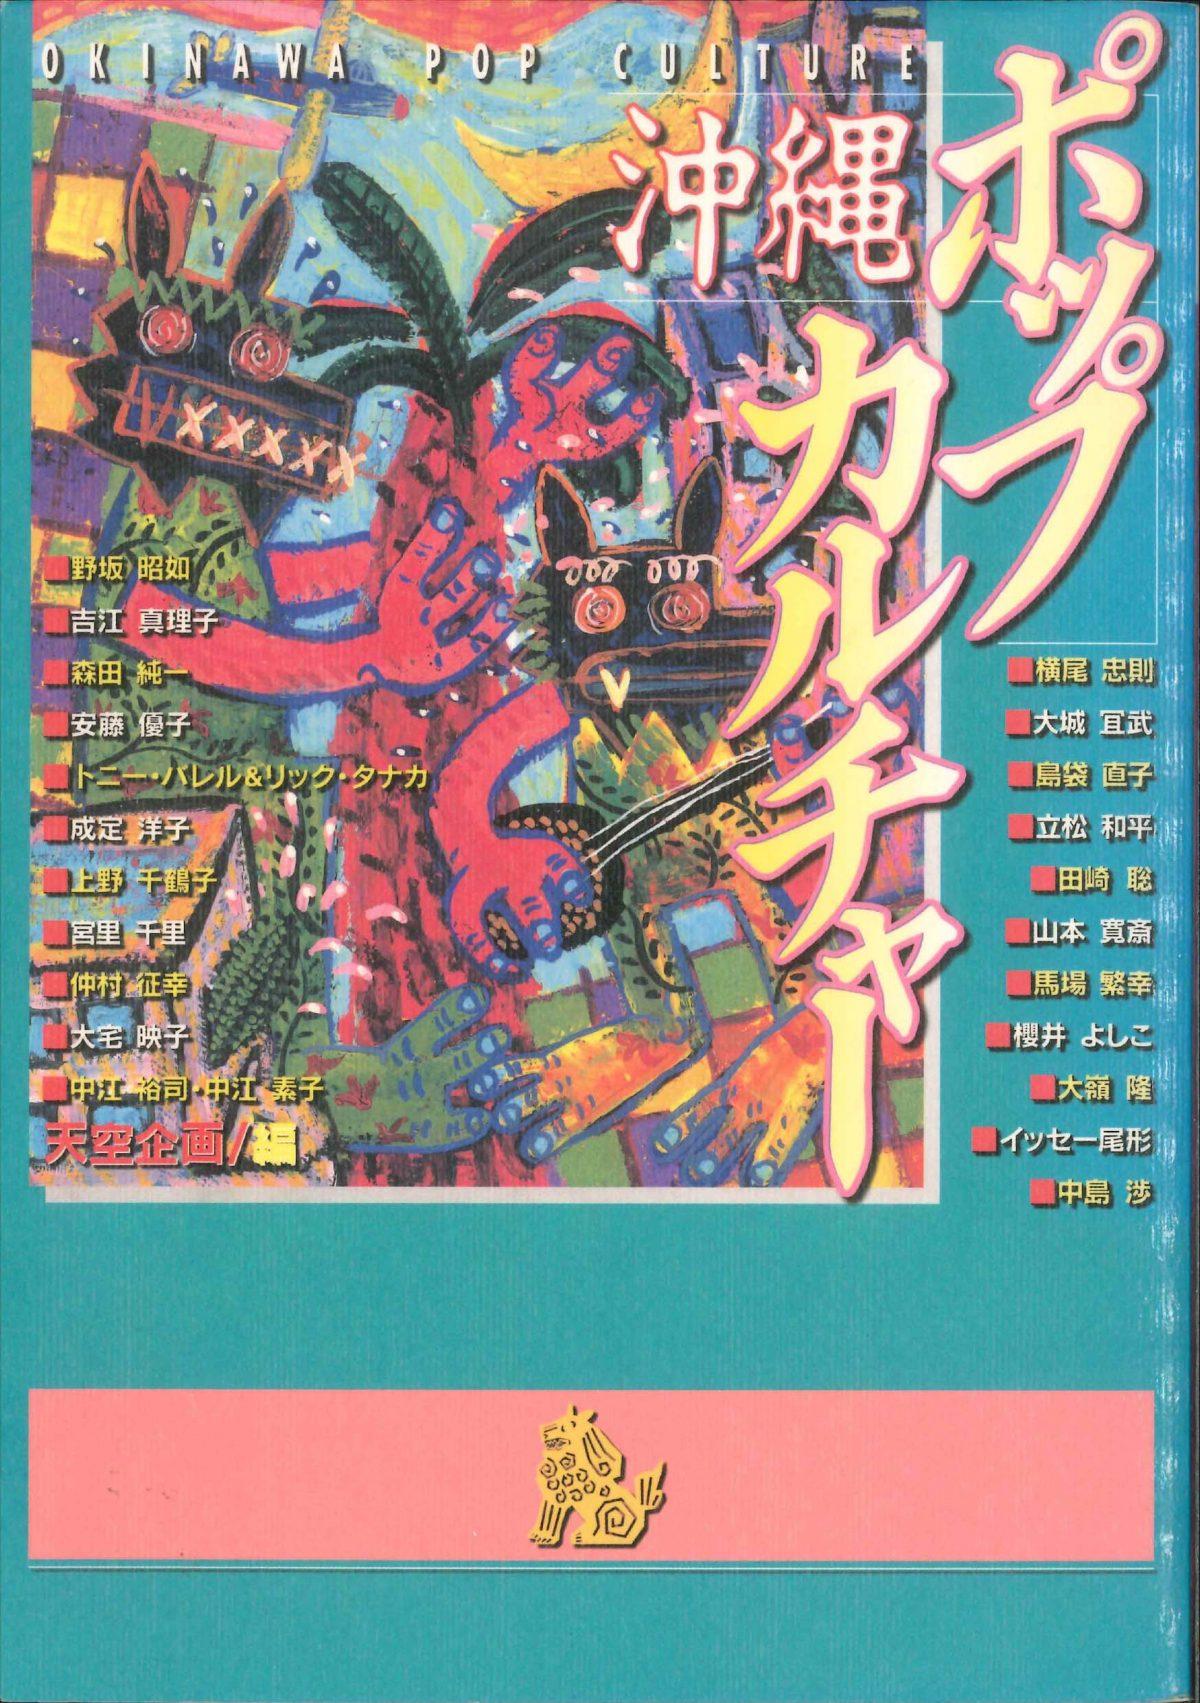 懐かしのお仕事報告です!「沖縄ポップカルチャー」共著やりました!